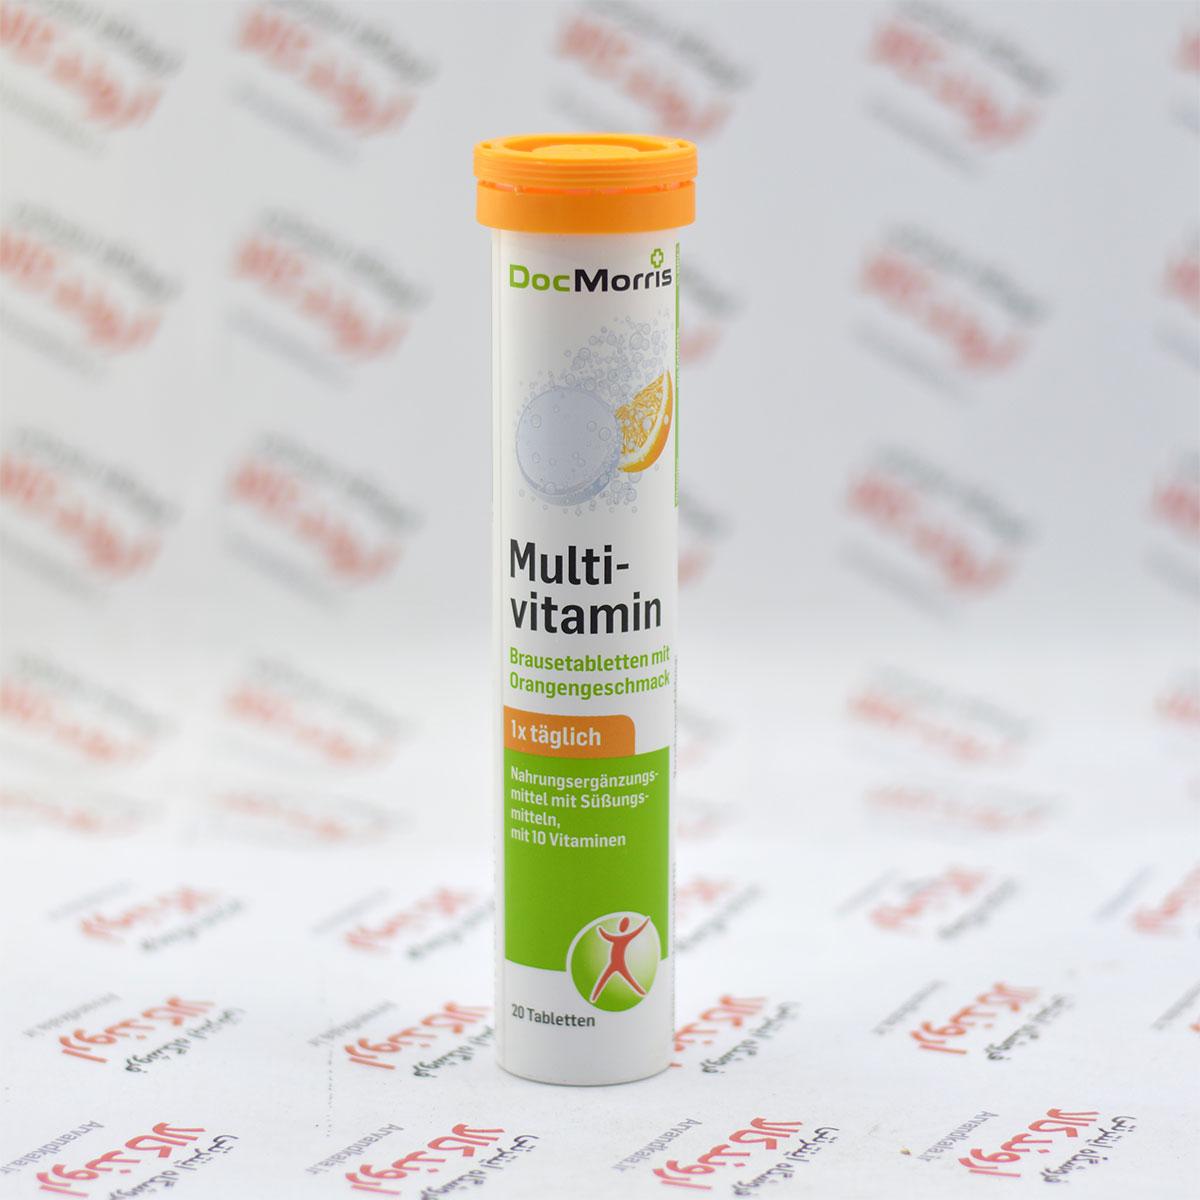 قرص جوشان Doc Morris مدل Multivitamin